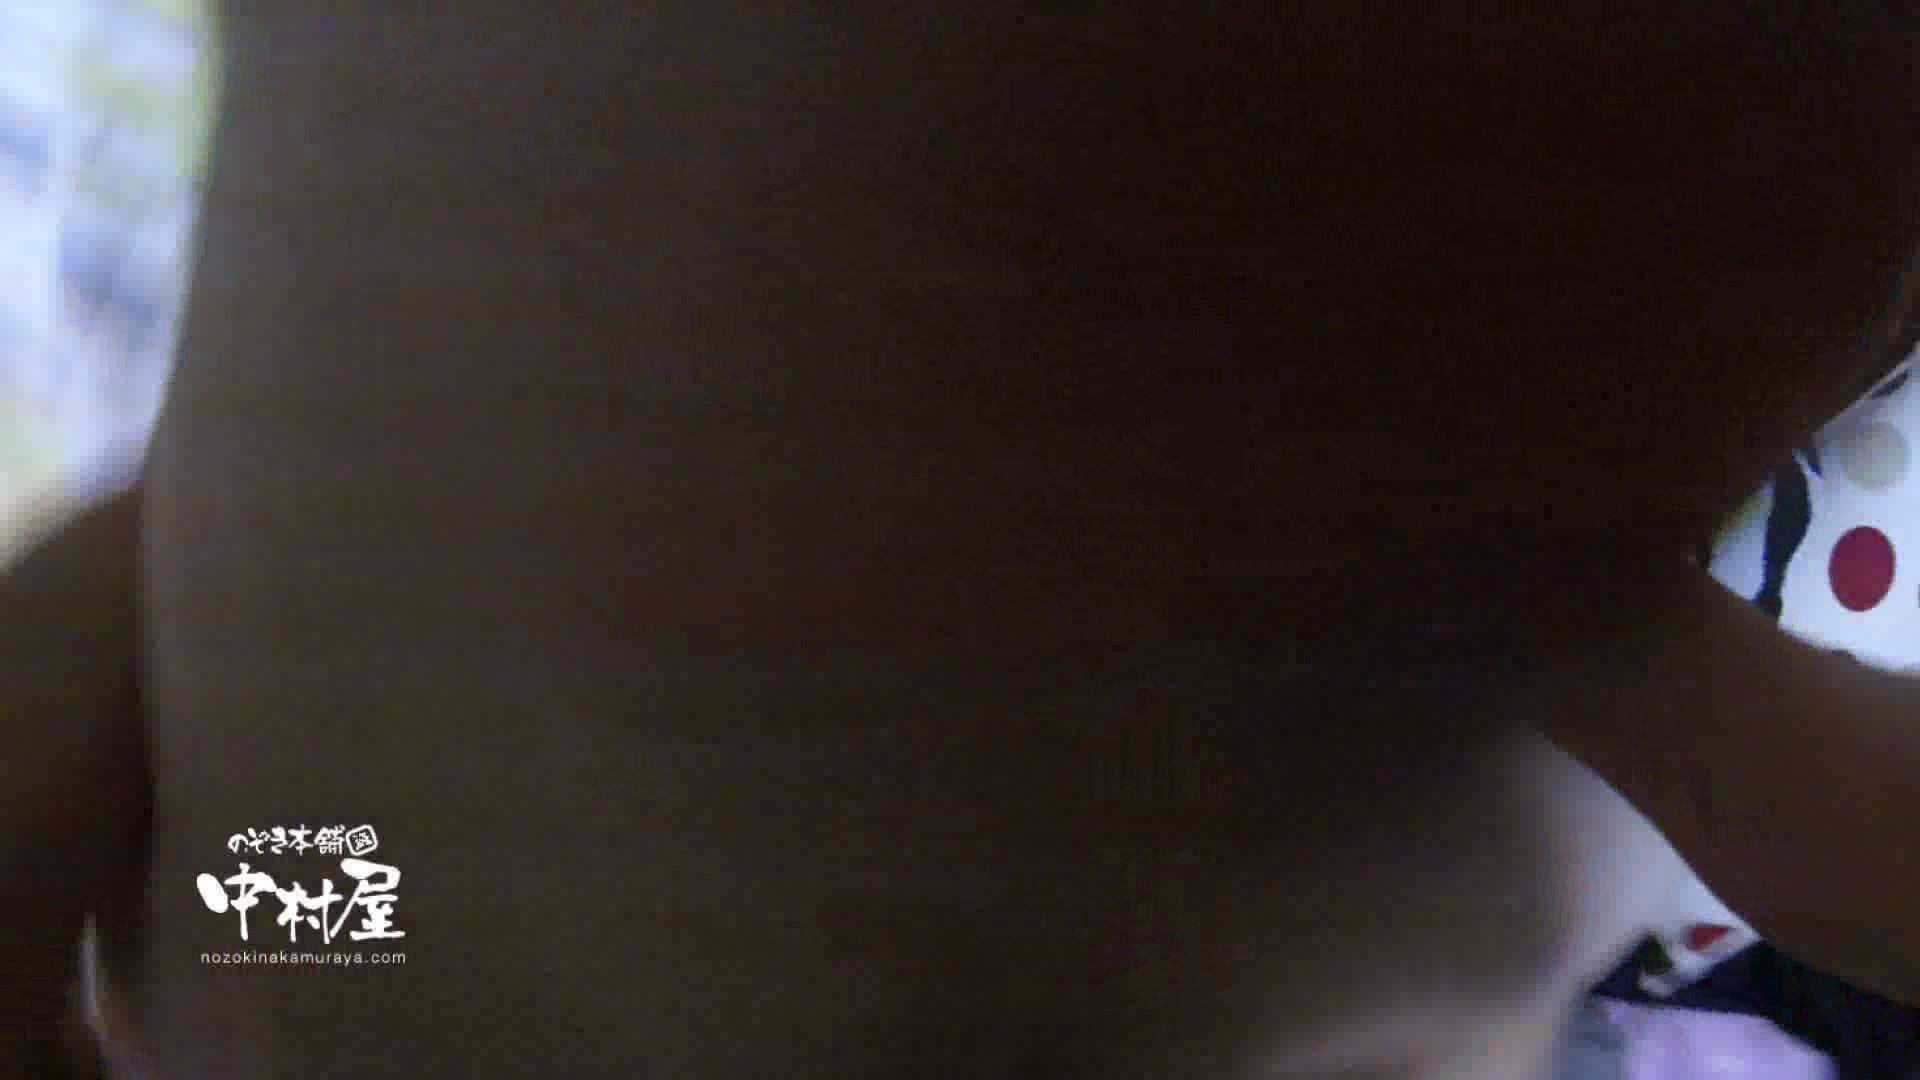 鬼畜 vol.09 無慈悲!中出し爆乳! 後編 鬼畜 濡れ場動画紹介 105PIX 91